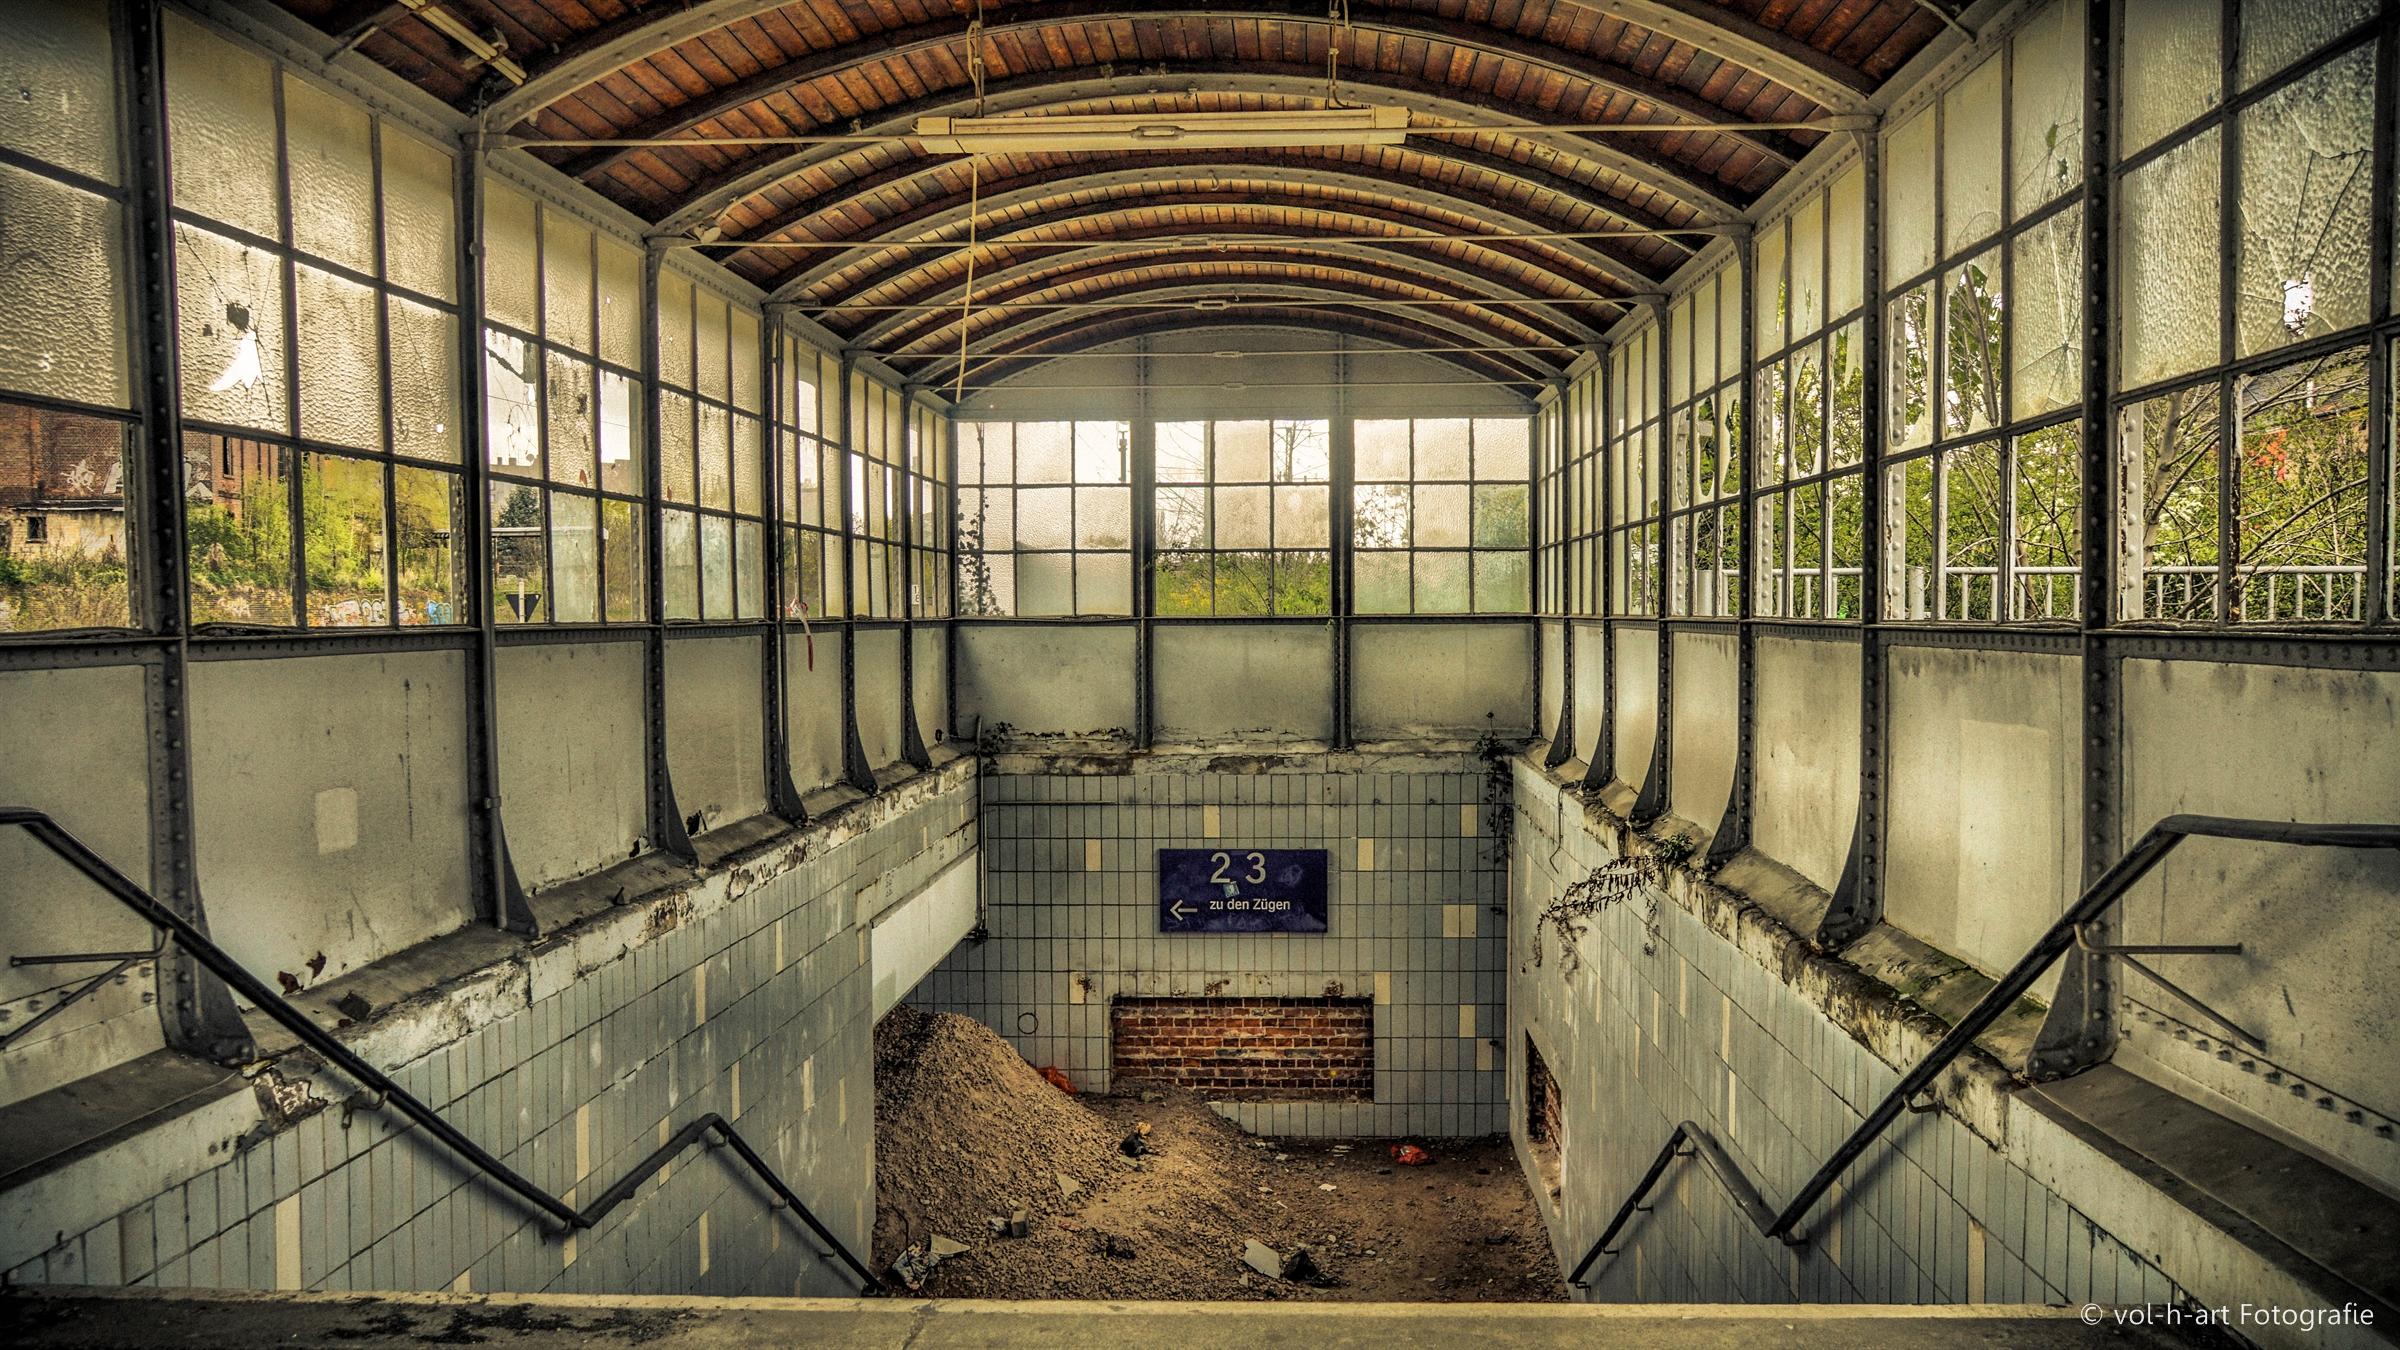 Stillgelegte Bahnhofsunterführung